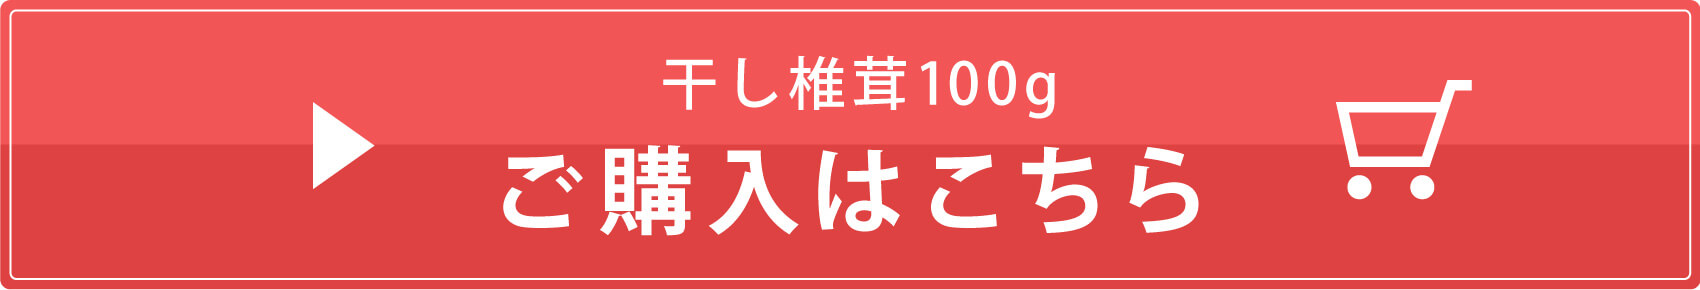 干し椎茸100g【送料無料】